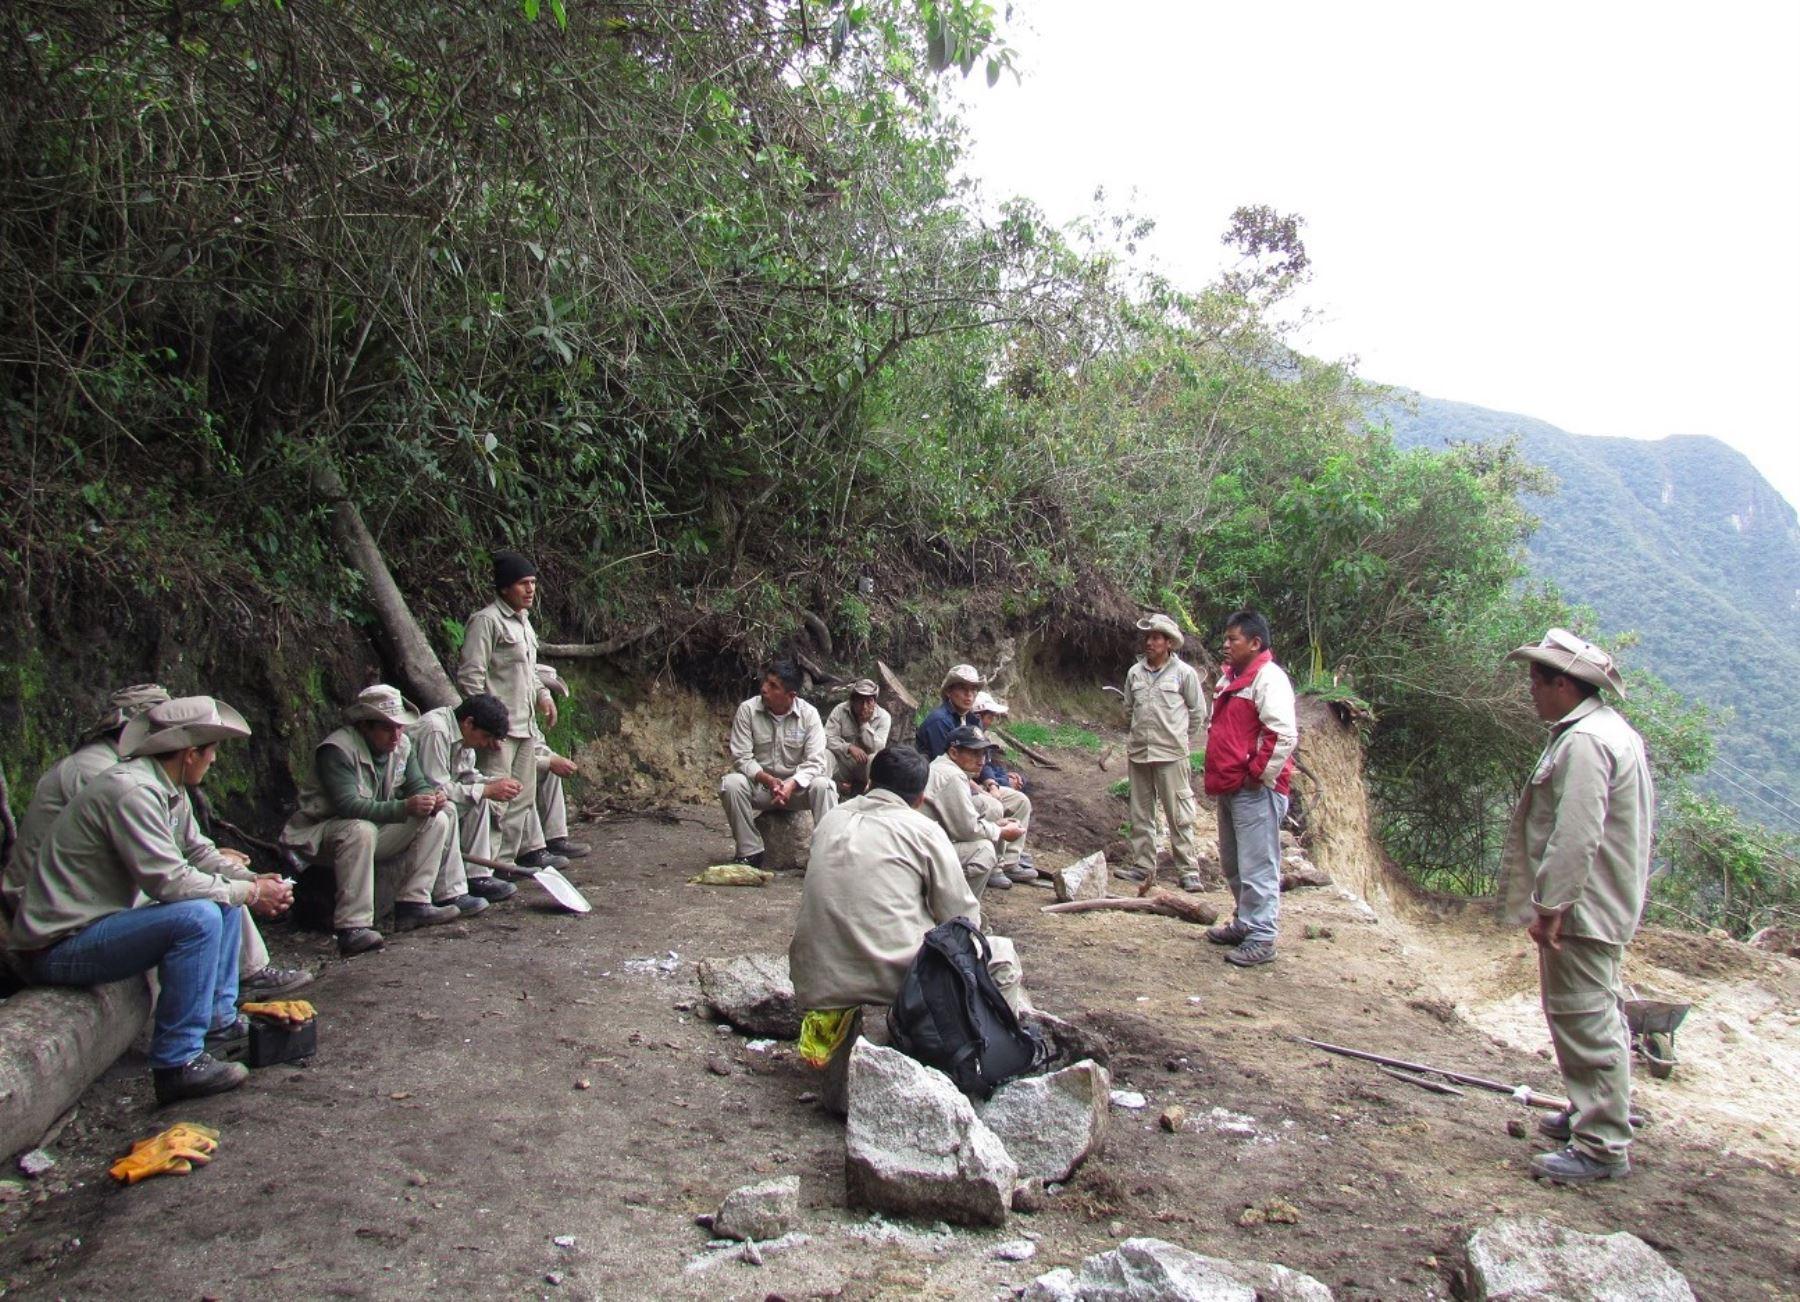 Habilitan zonas de camping para turistas que recorren Camino Inca a Machu Picchu, en Cusco. ANDINA/Difusión